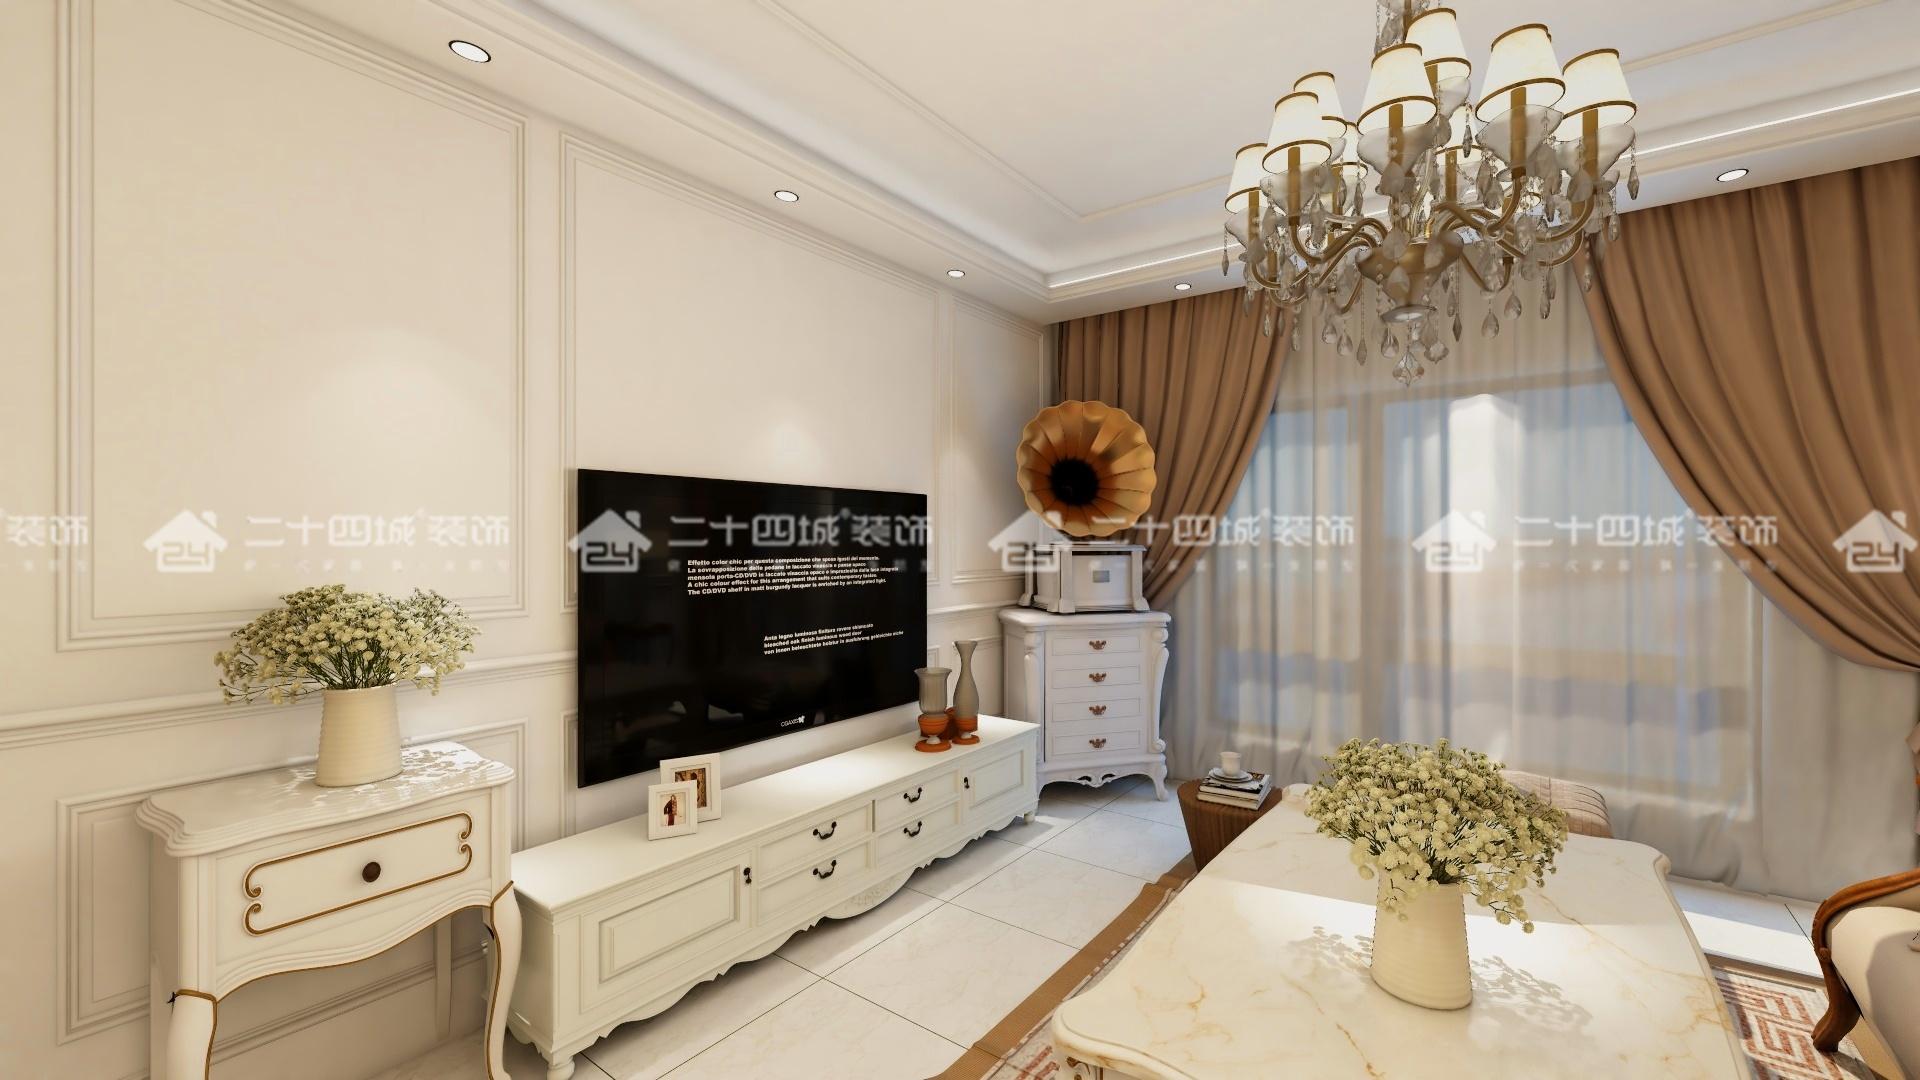 欧式 白领 收纳 旧房改造 80后 小资 简约 混搭 三居 客厅图片来自二十四城装饰(集团)昆明公司在俊发·紫薇苑  欧式的分享